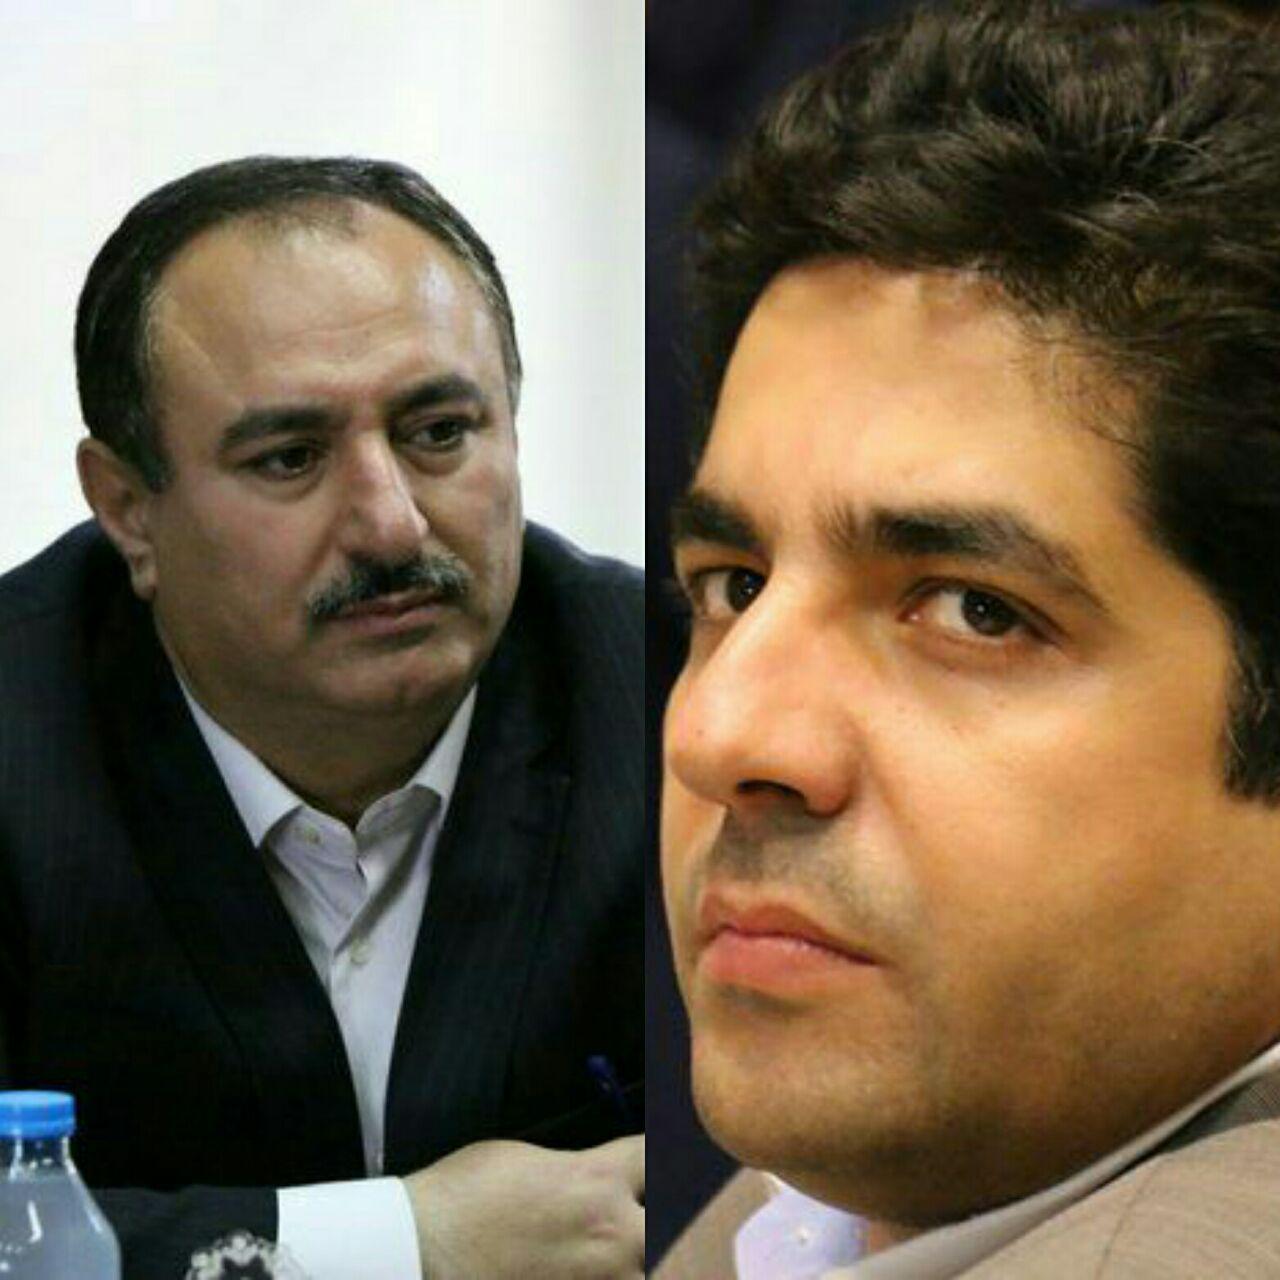 نه بزرگ به شهردار سیاسی!/ برگزیدن ژنرال عمرانی و غیر سیاسی رشت